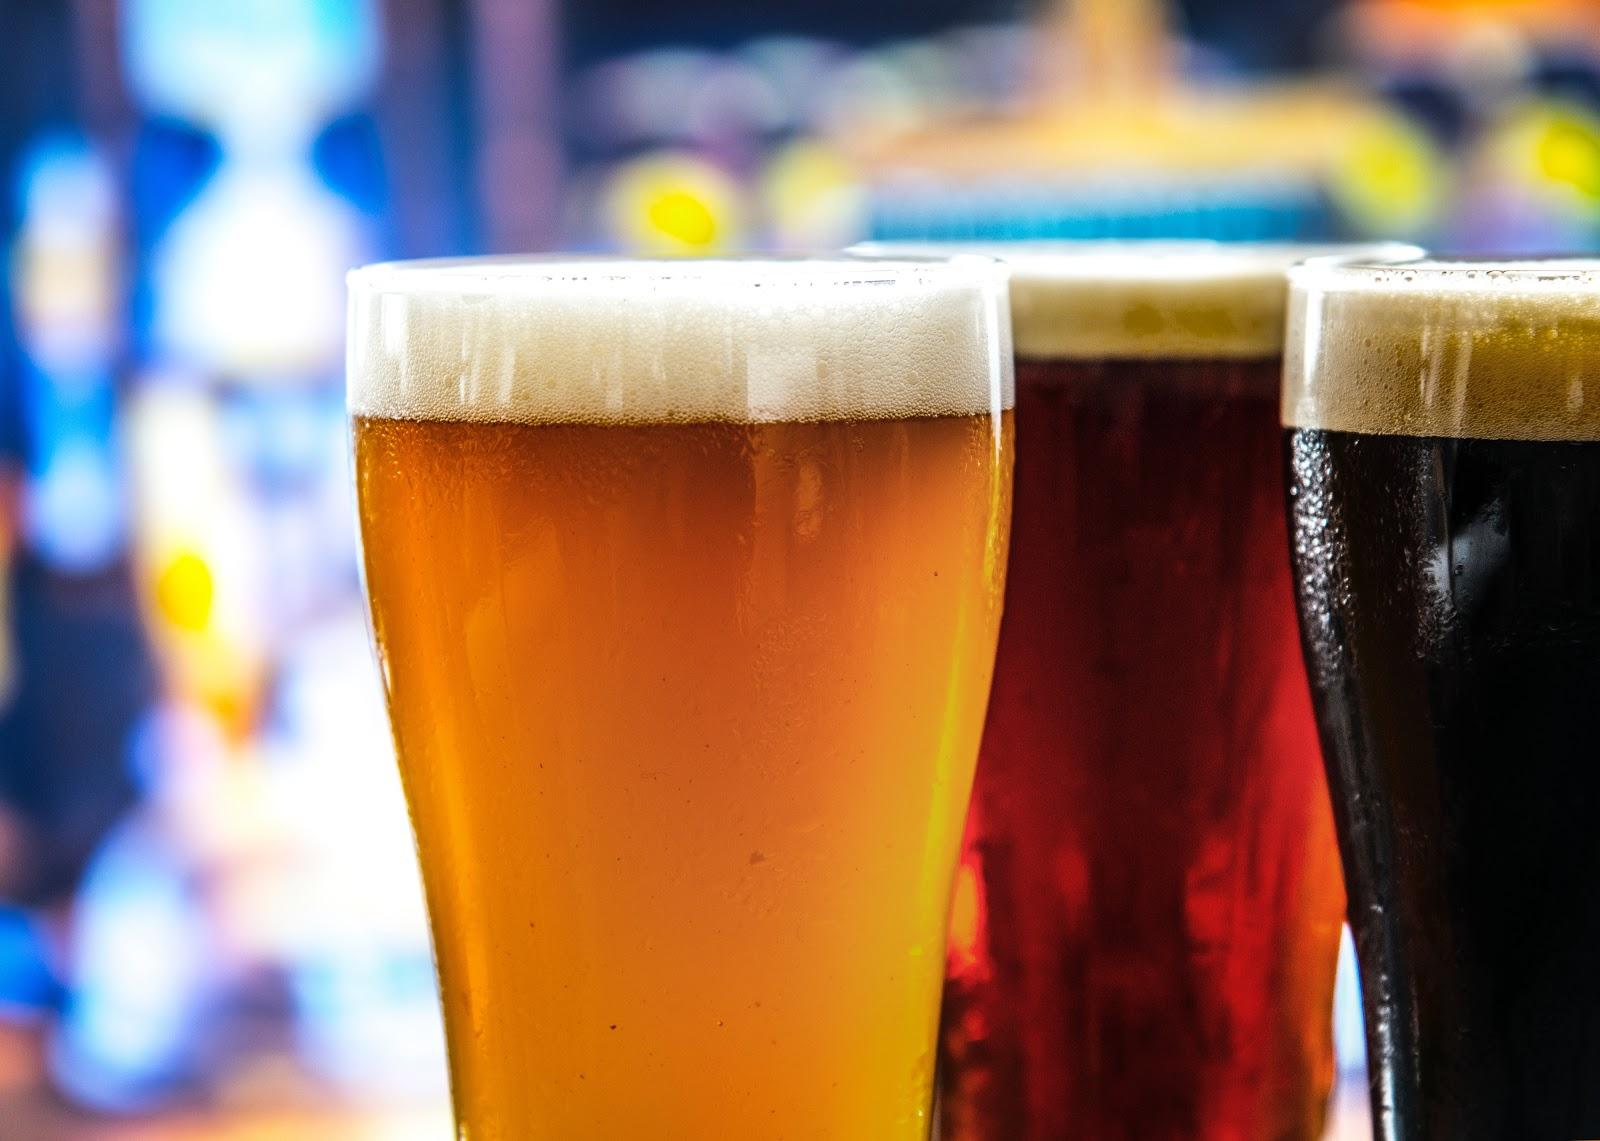 東京都内でクラフトビールをおいしく飲めるビールバー厳選6選